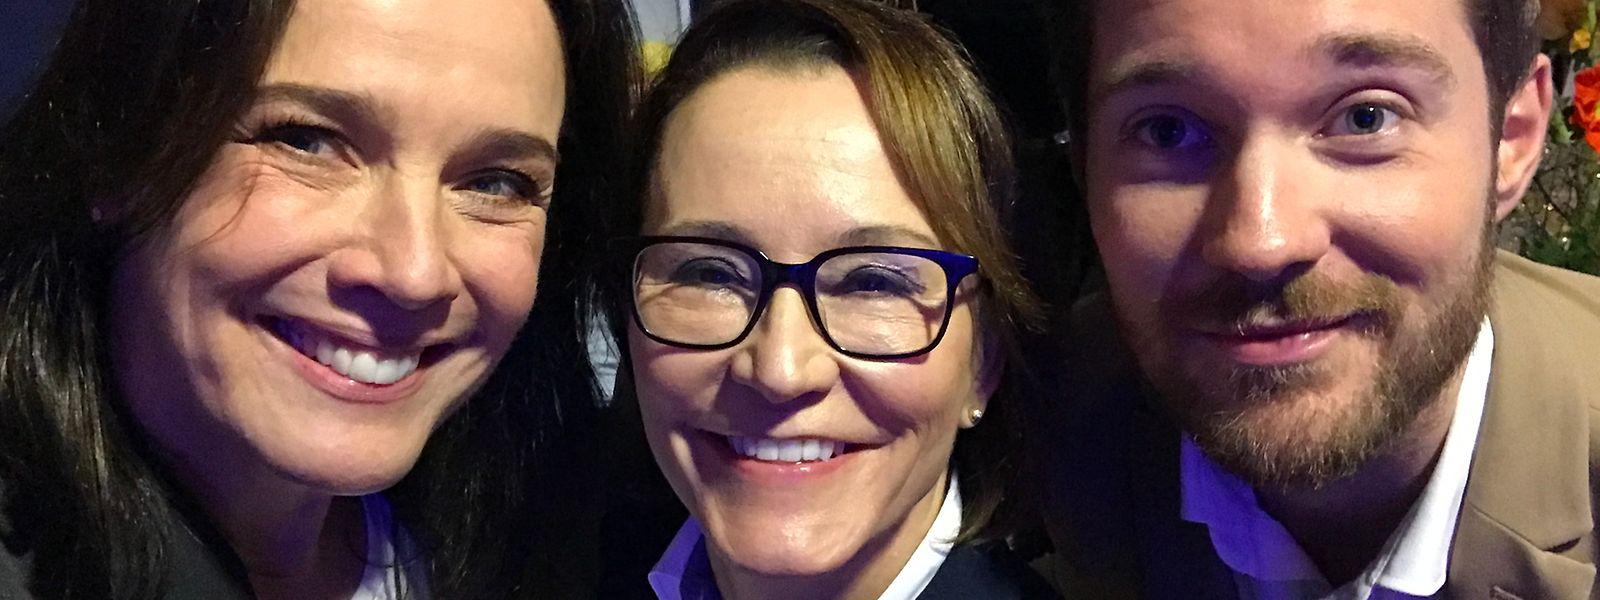 Im Selfie-Modus: Désirée Nosbusch mit ihrer Geschäftspartnerin Alexandra Hoesdorff und Schauspieler Tommy Schlesser